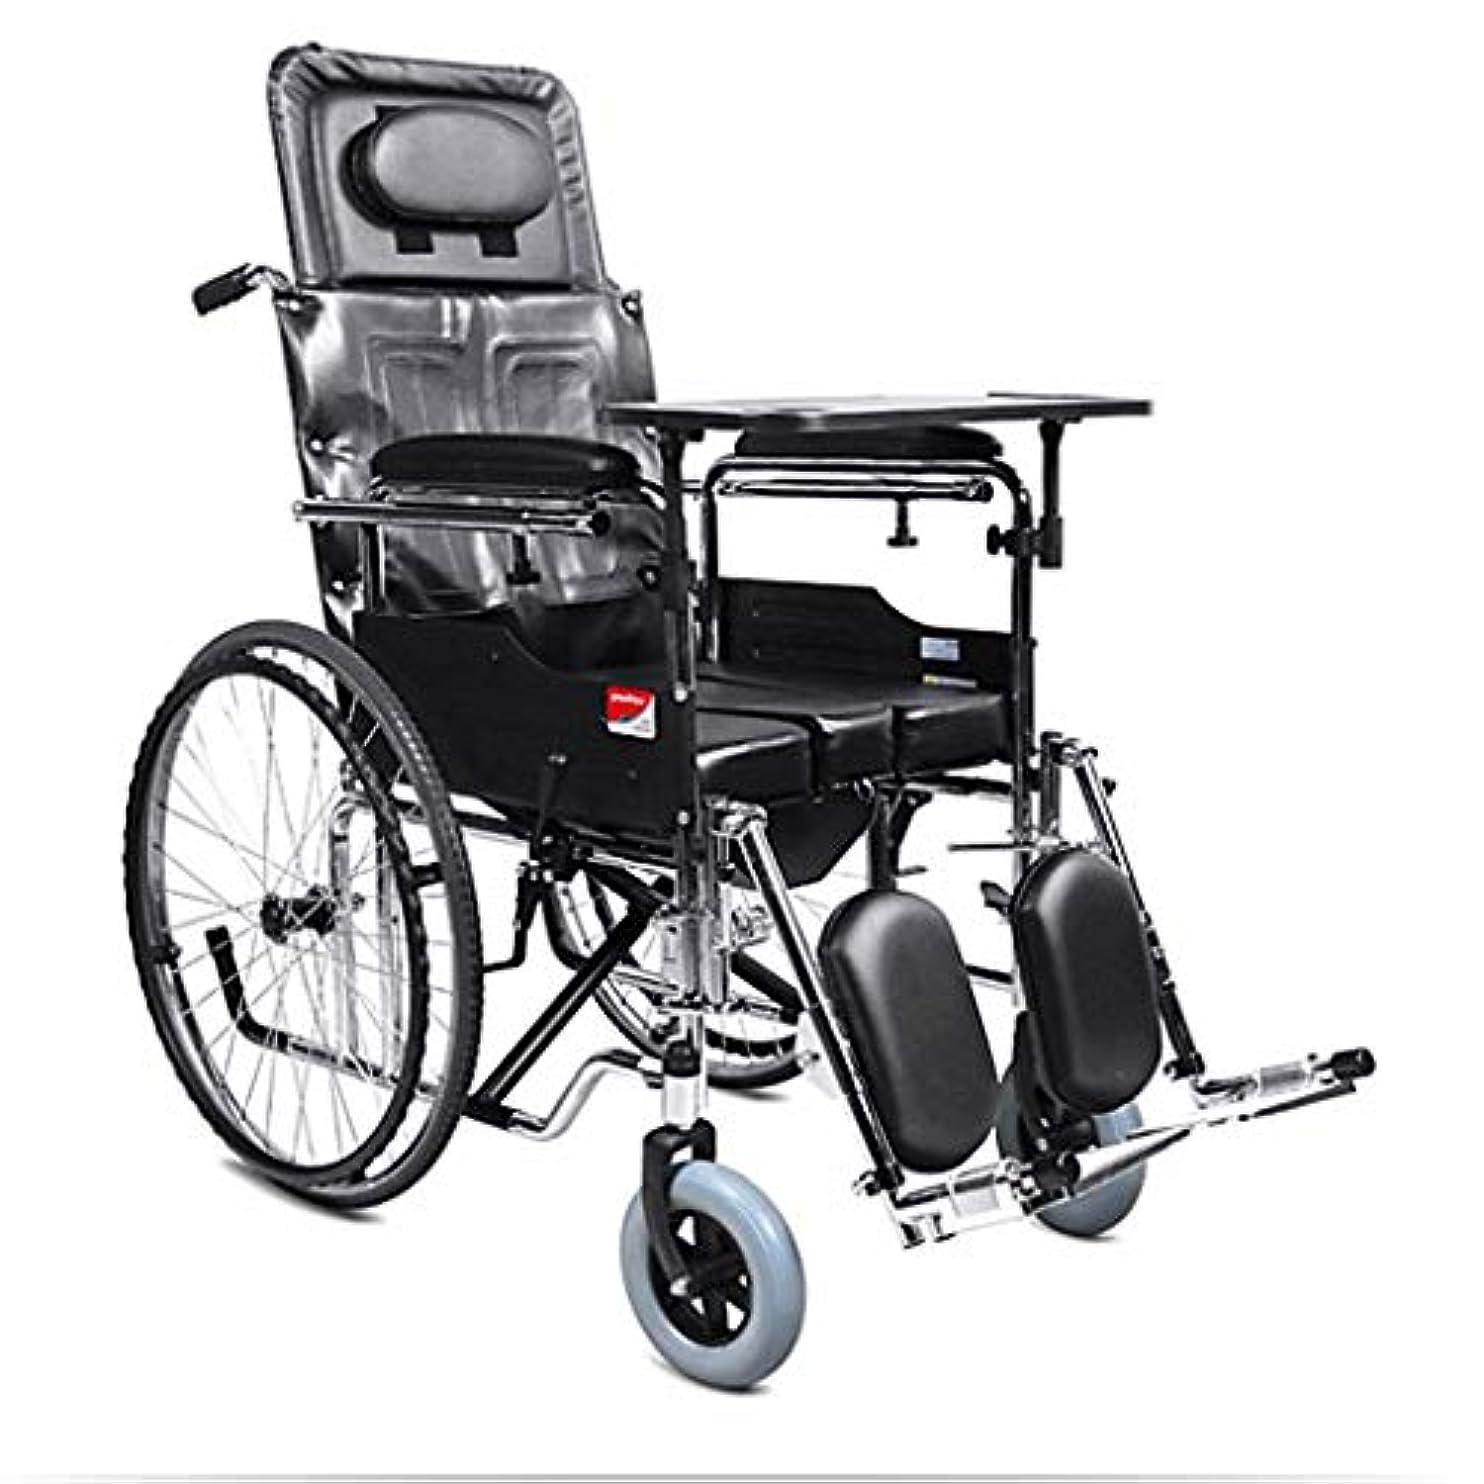 山岳あさり植物学車椅子折りたたみ式、ポータブル高齢者屋外旅行トロリー、アルミフレーム車椅子